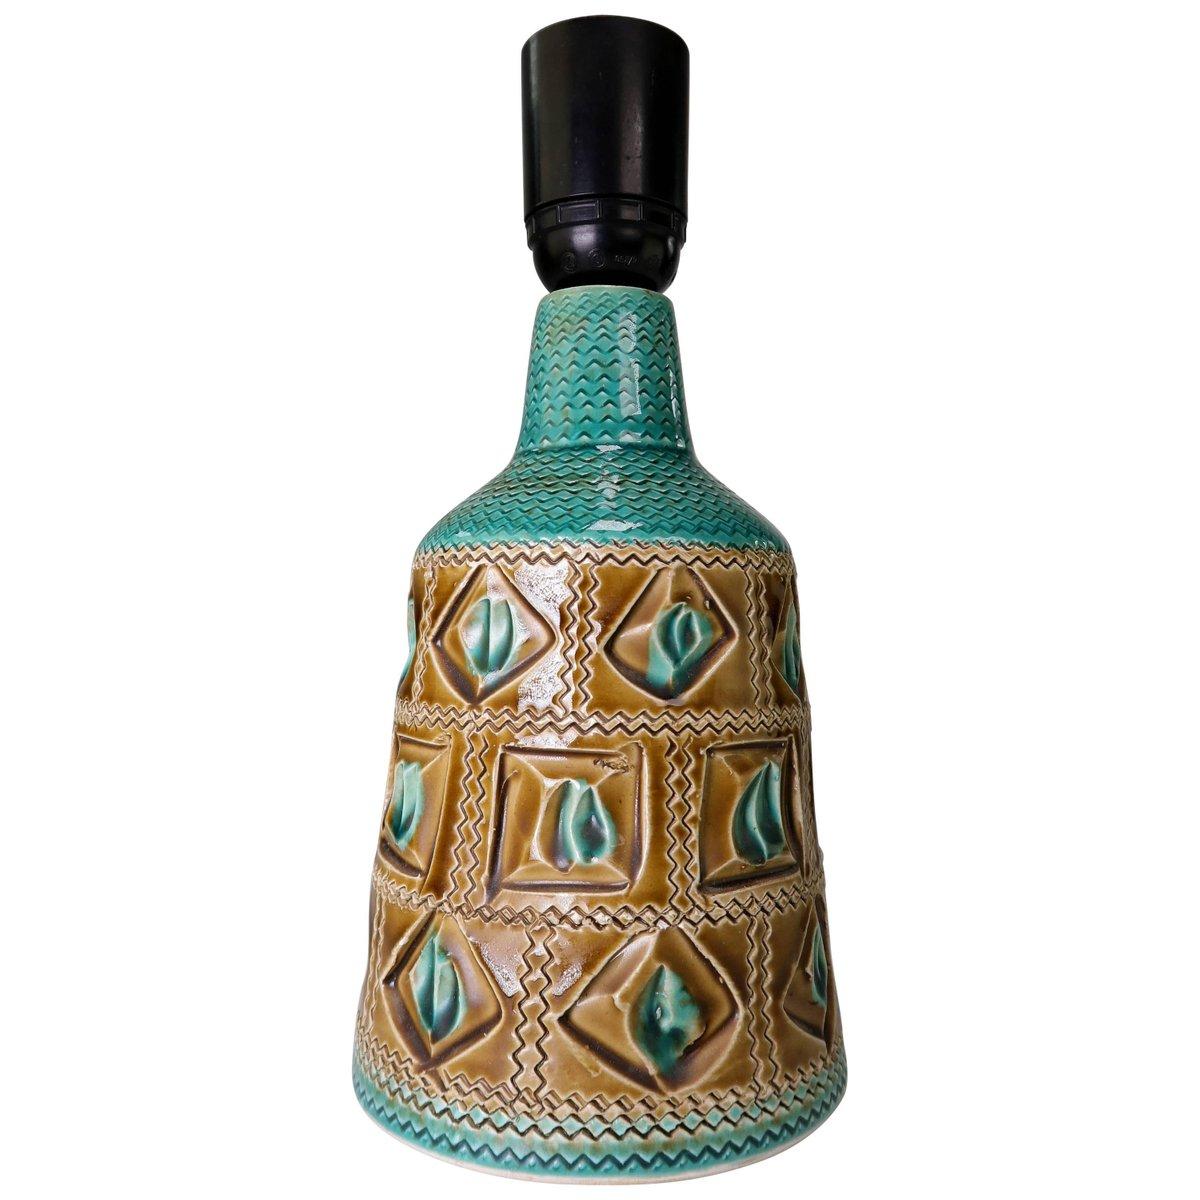 Italienische Tischlampe aus Keramik in Türkis & Karamel von Bitossi, 1...